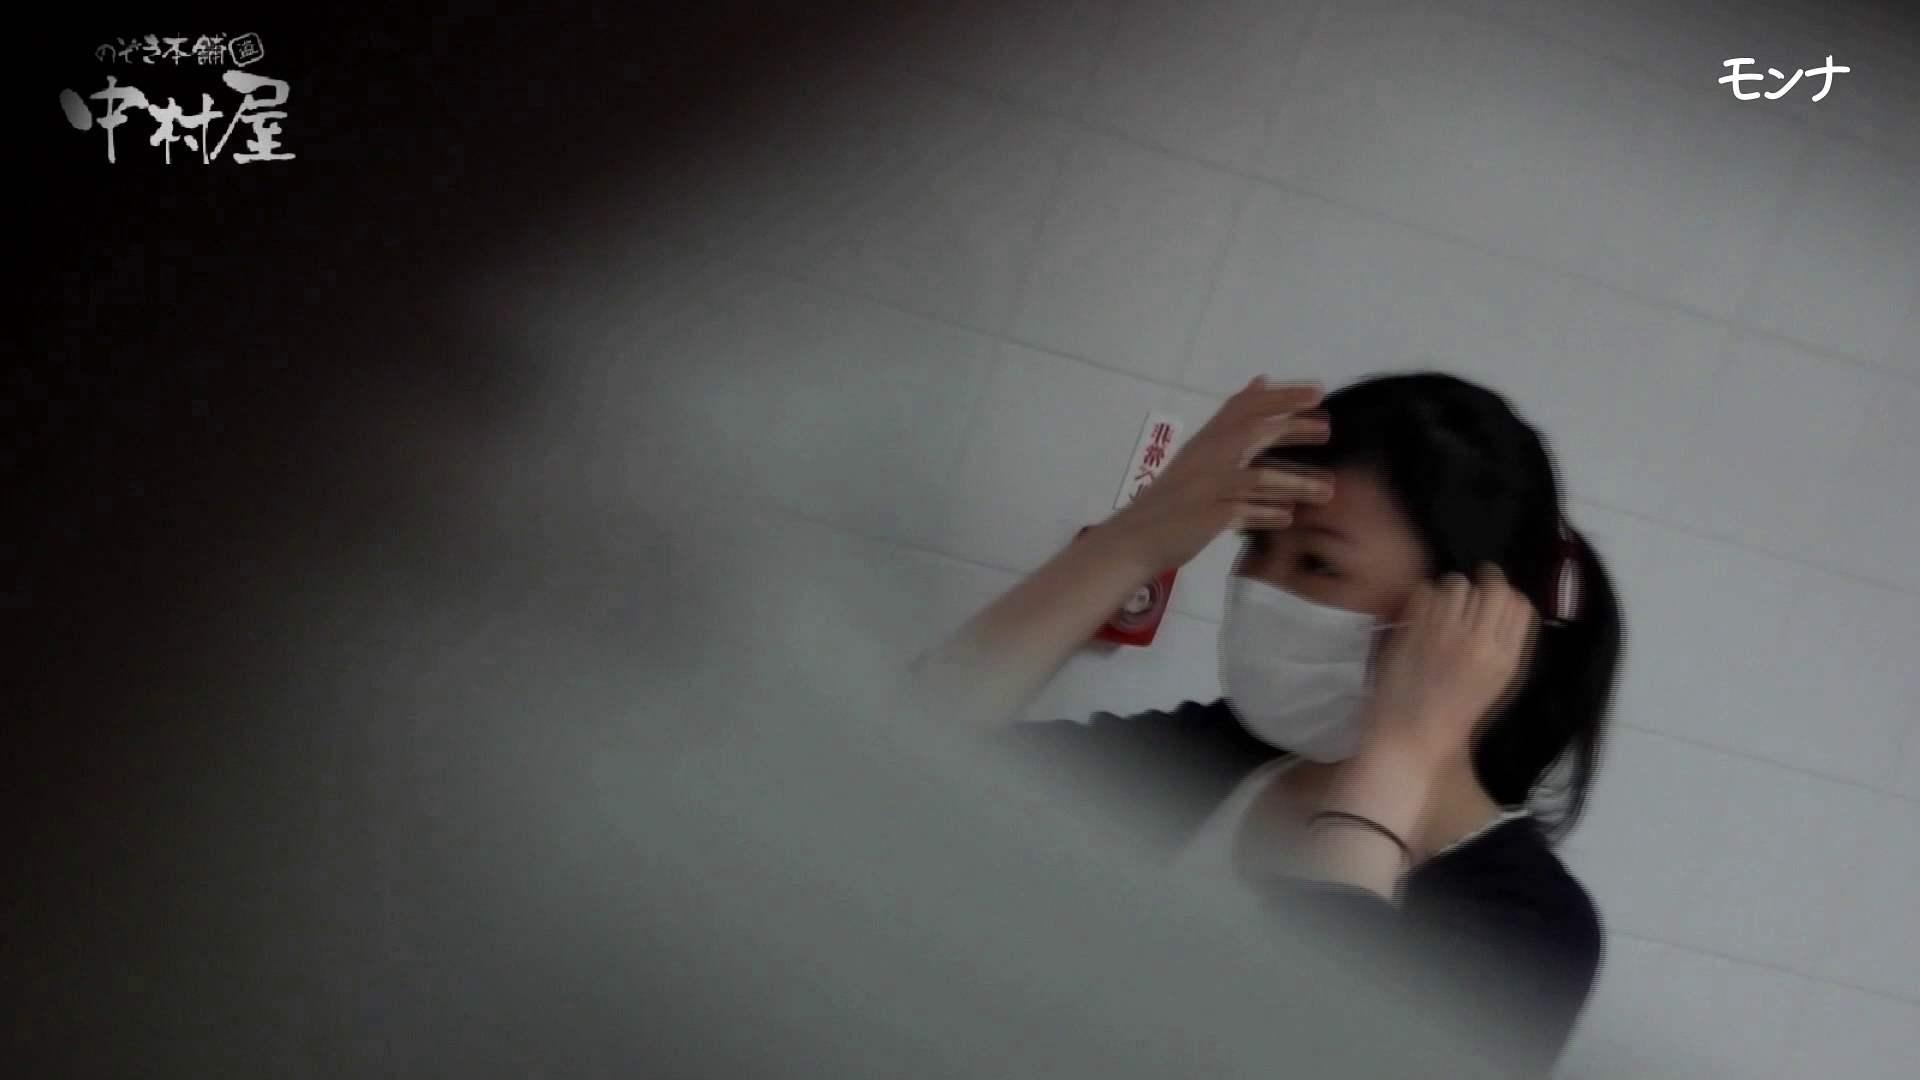 美しい日本の未来 No.47 冬Ver.進化 細い指でほじくりまくる!前編 HなOL セックス画像 79pic 22